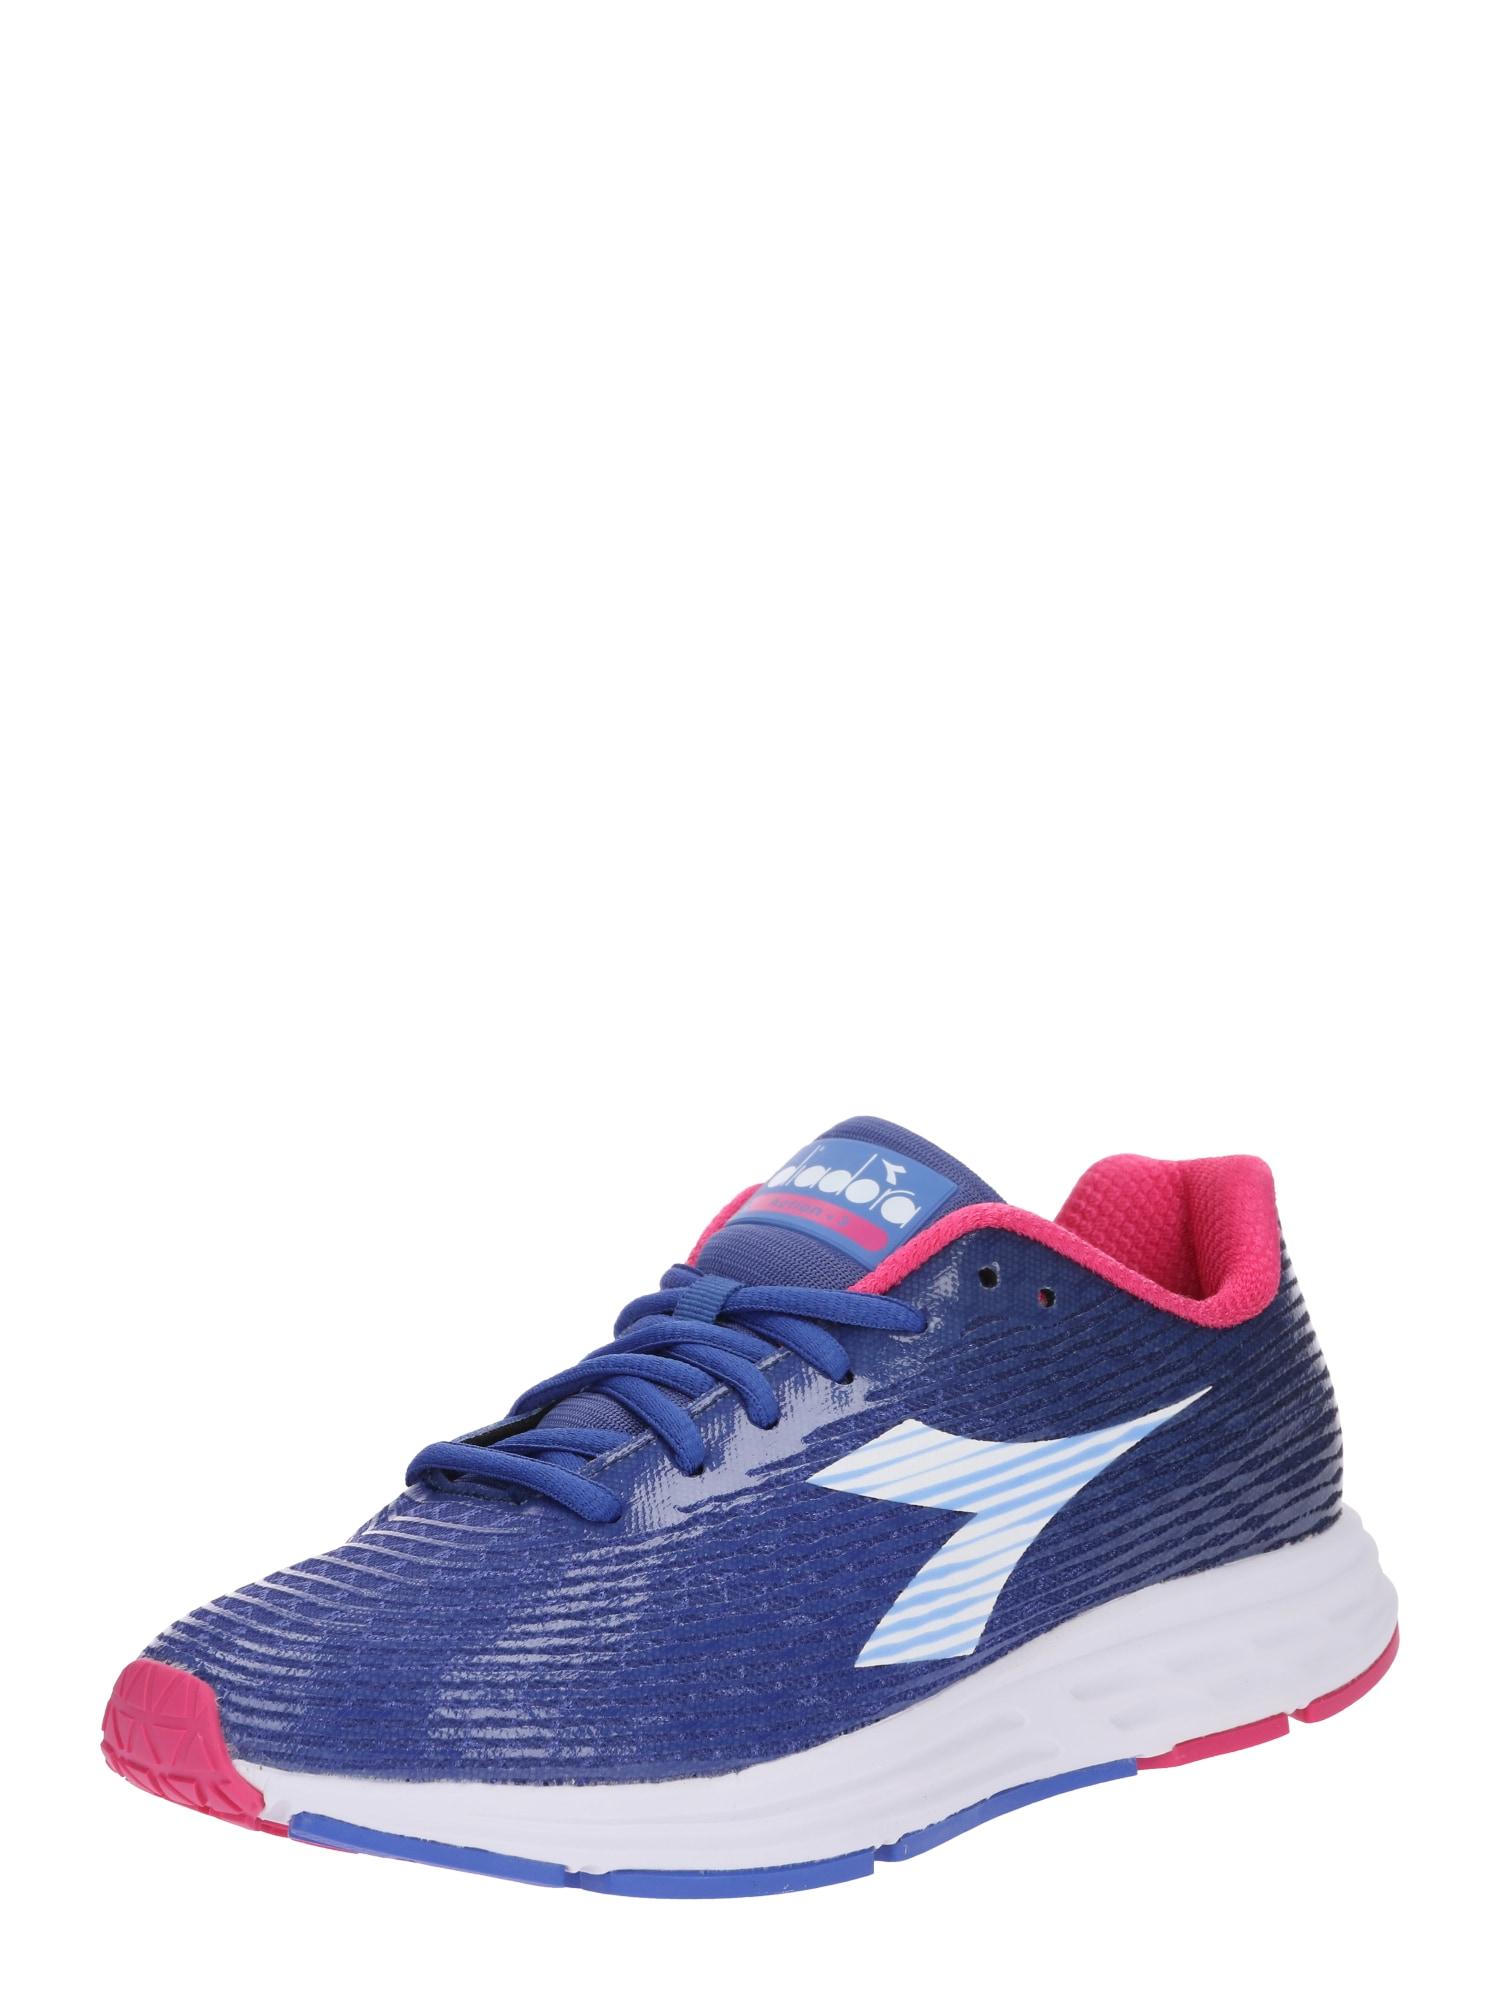 Běžecká obuv ACTION modrá pink bílá Diadora